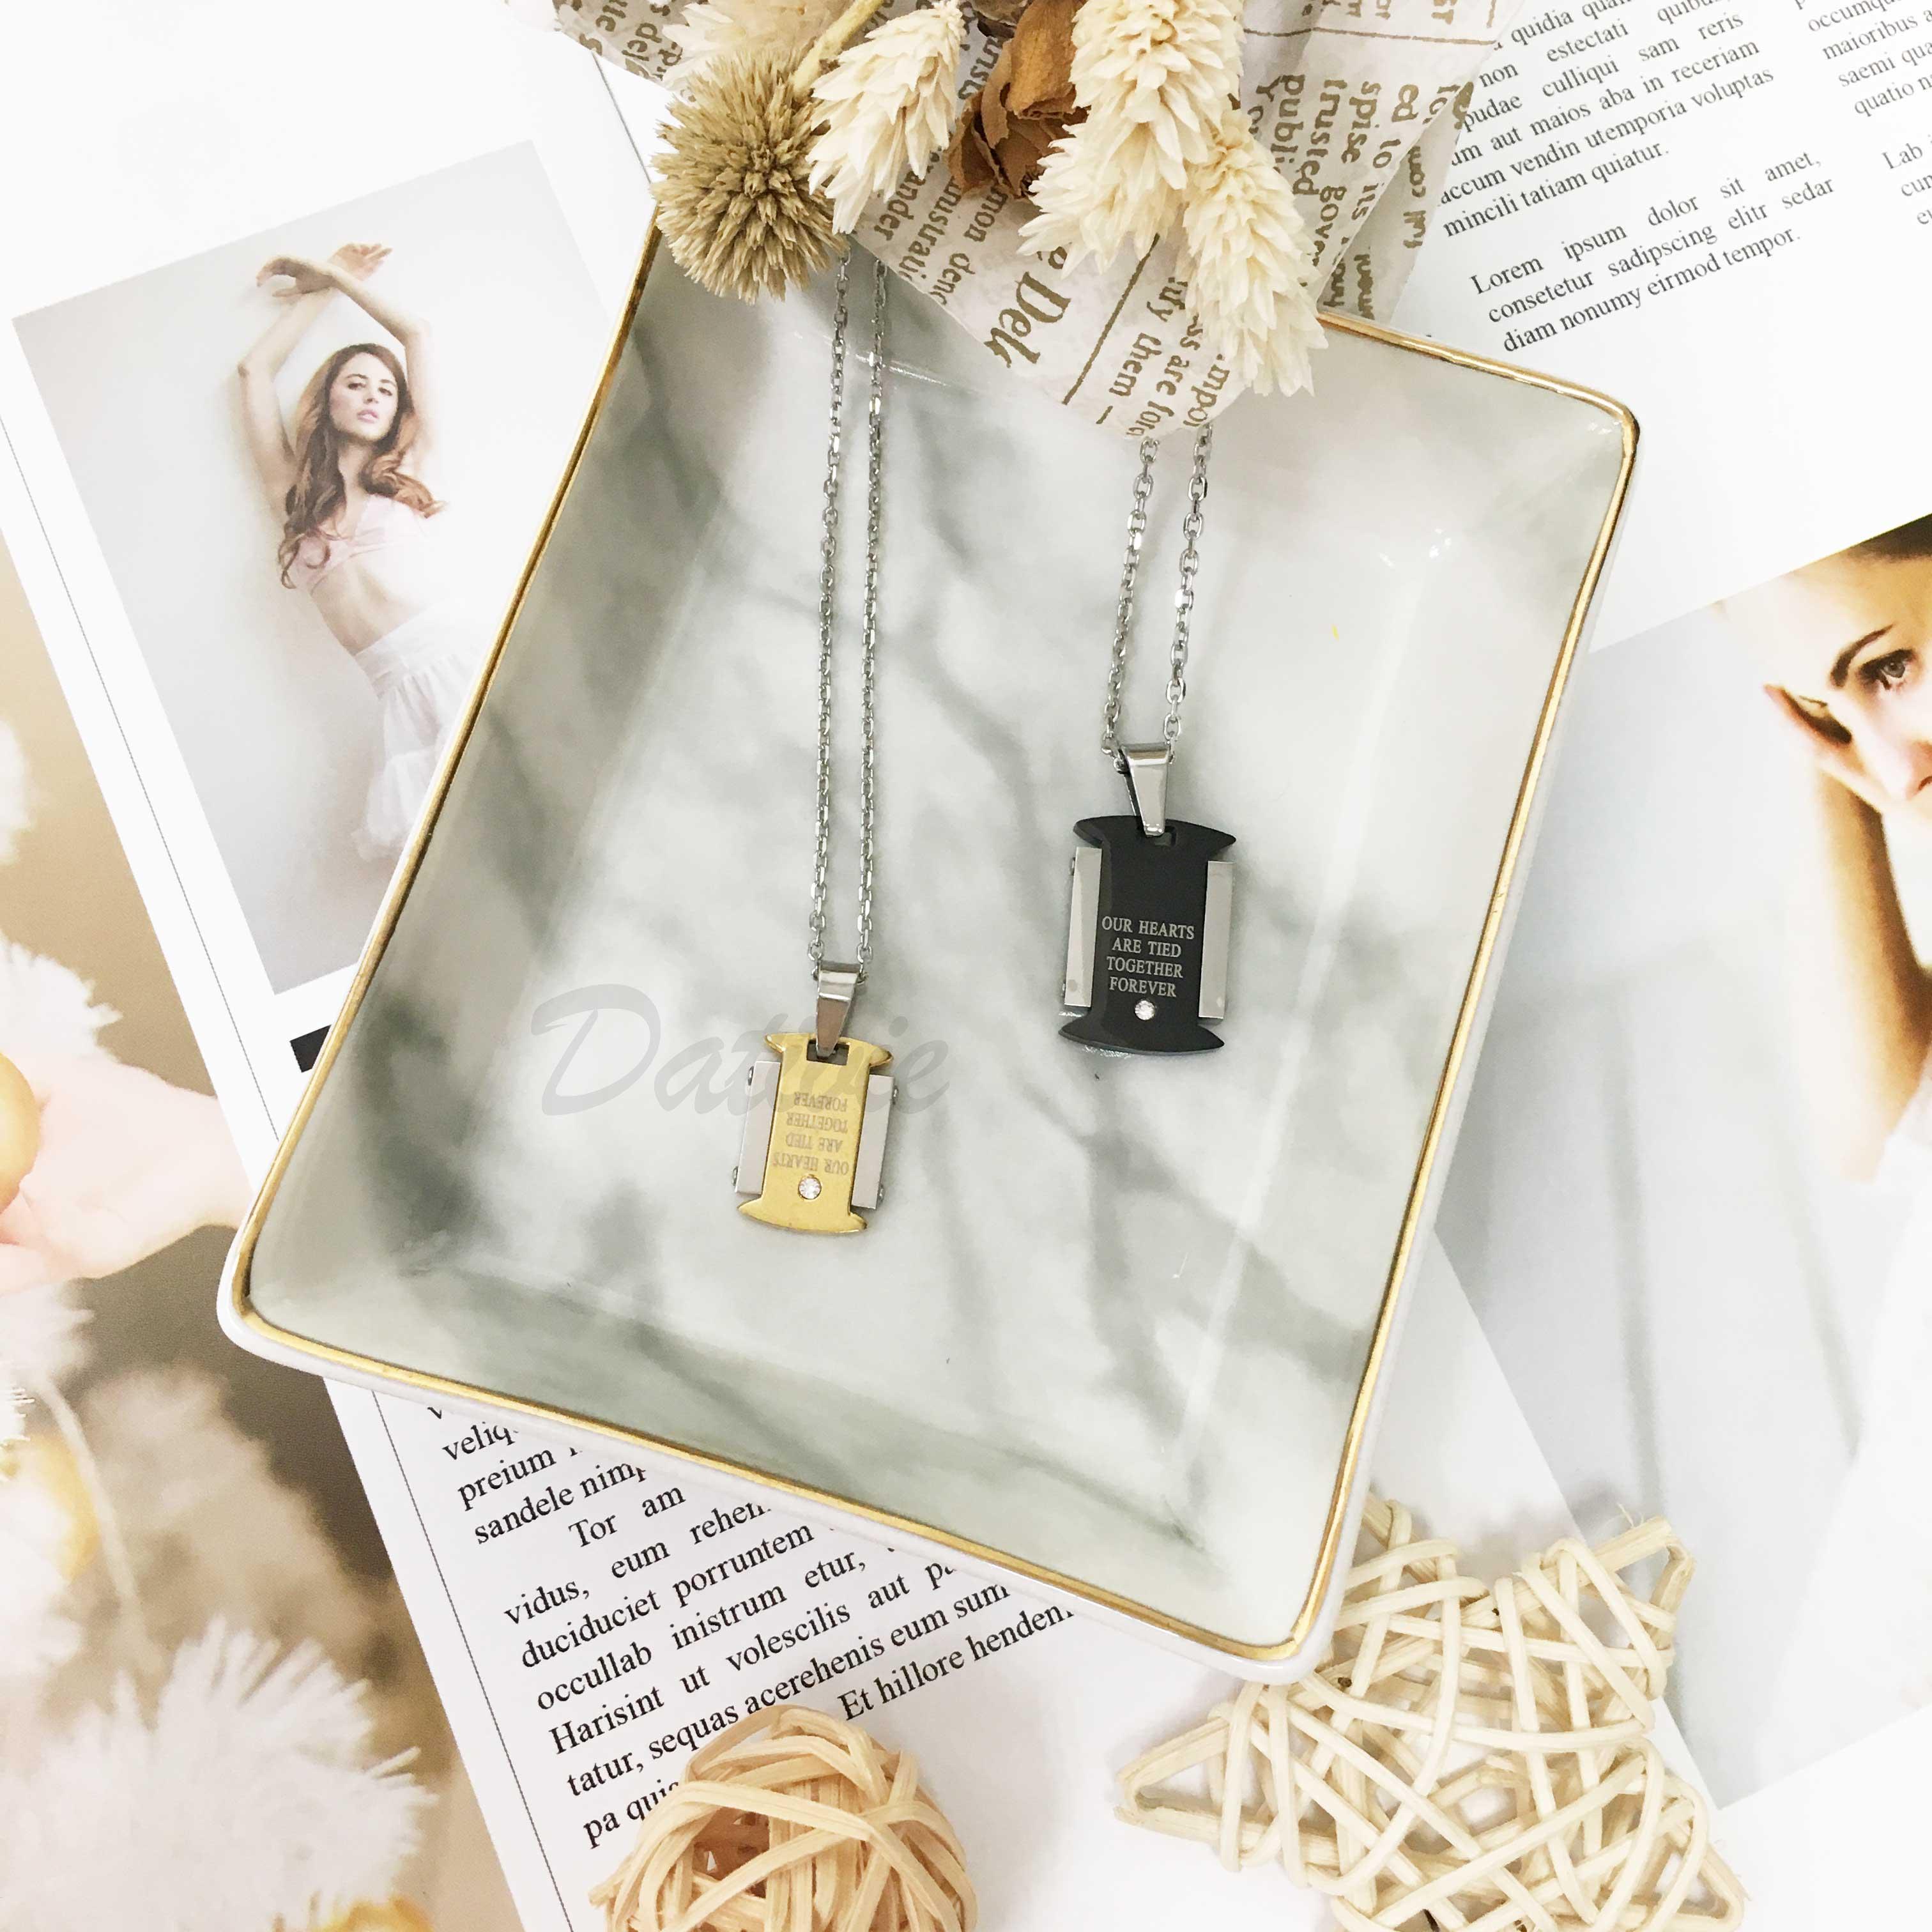 不鏽鋼 雙色 愛的里程碑 刻字(我們的心永遠綁在一起) 鑲單鑽 項鍊